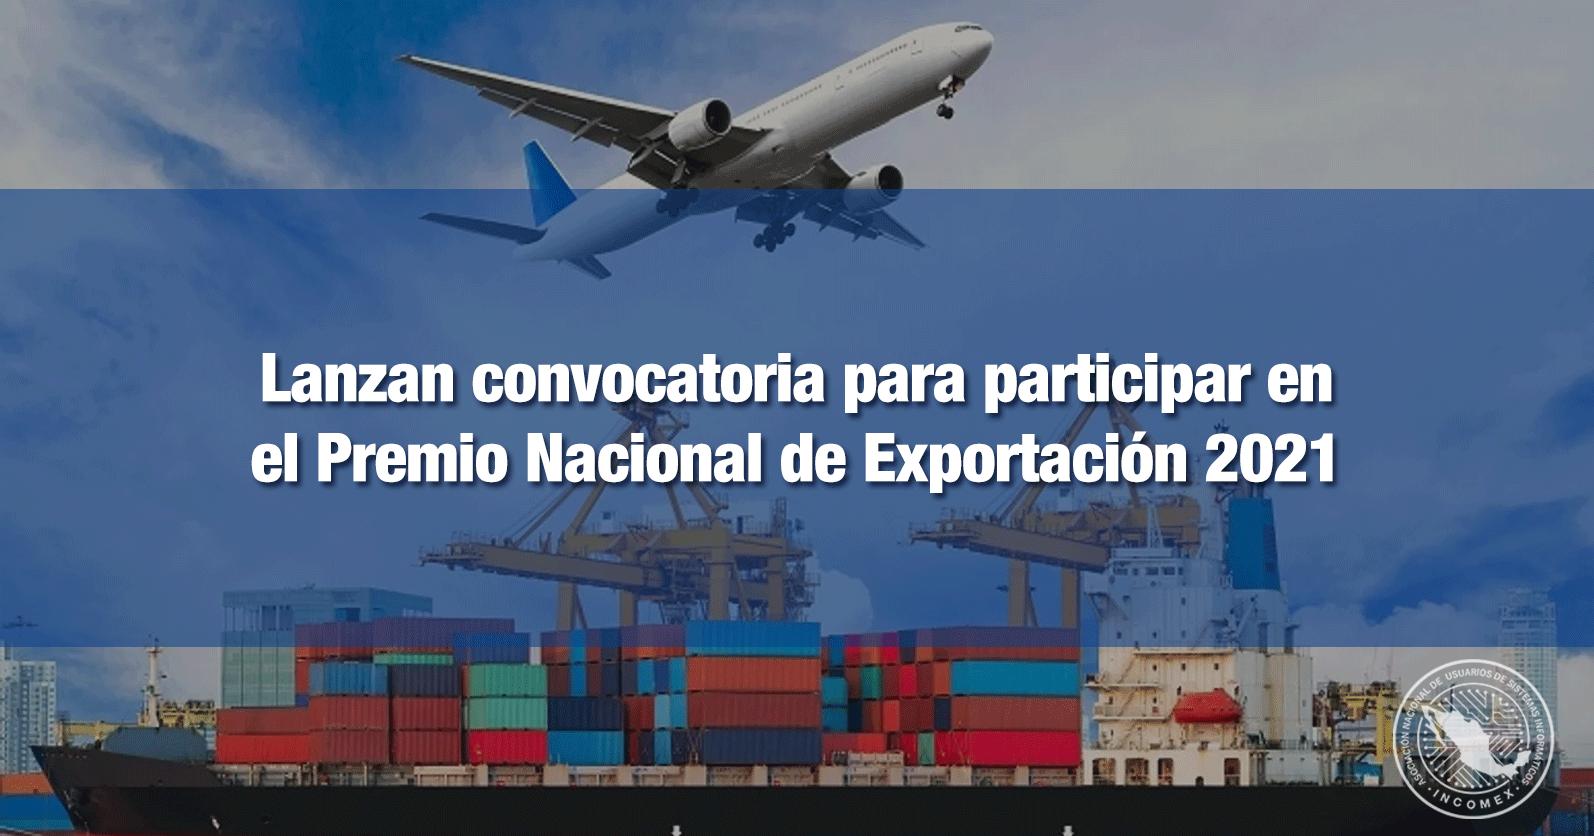 Lanzan convocatoria para participar en el Premio Nacional de Exportación 2021